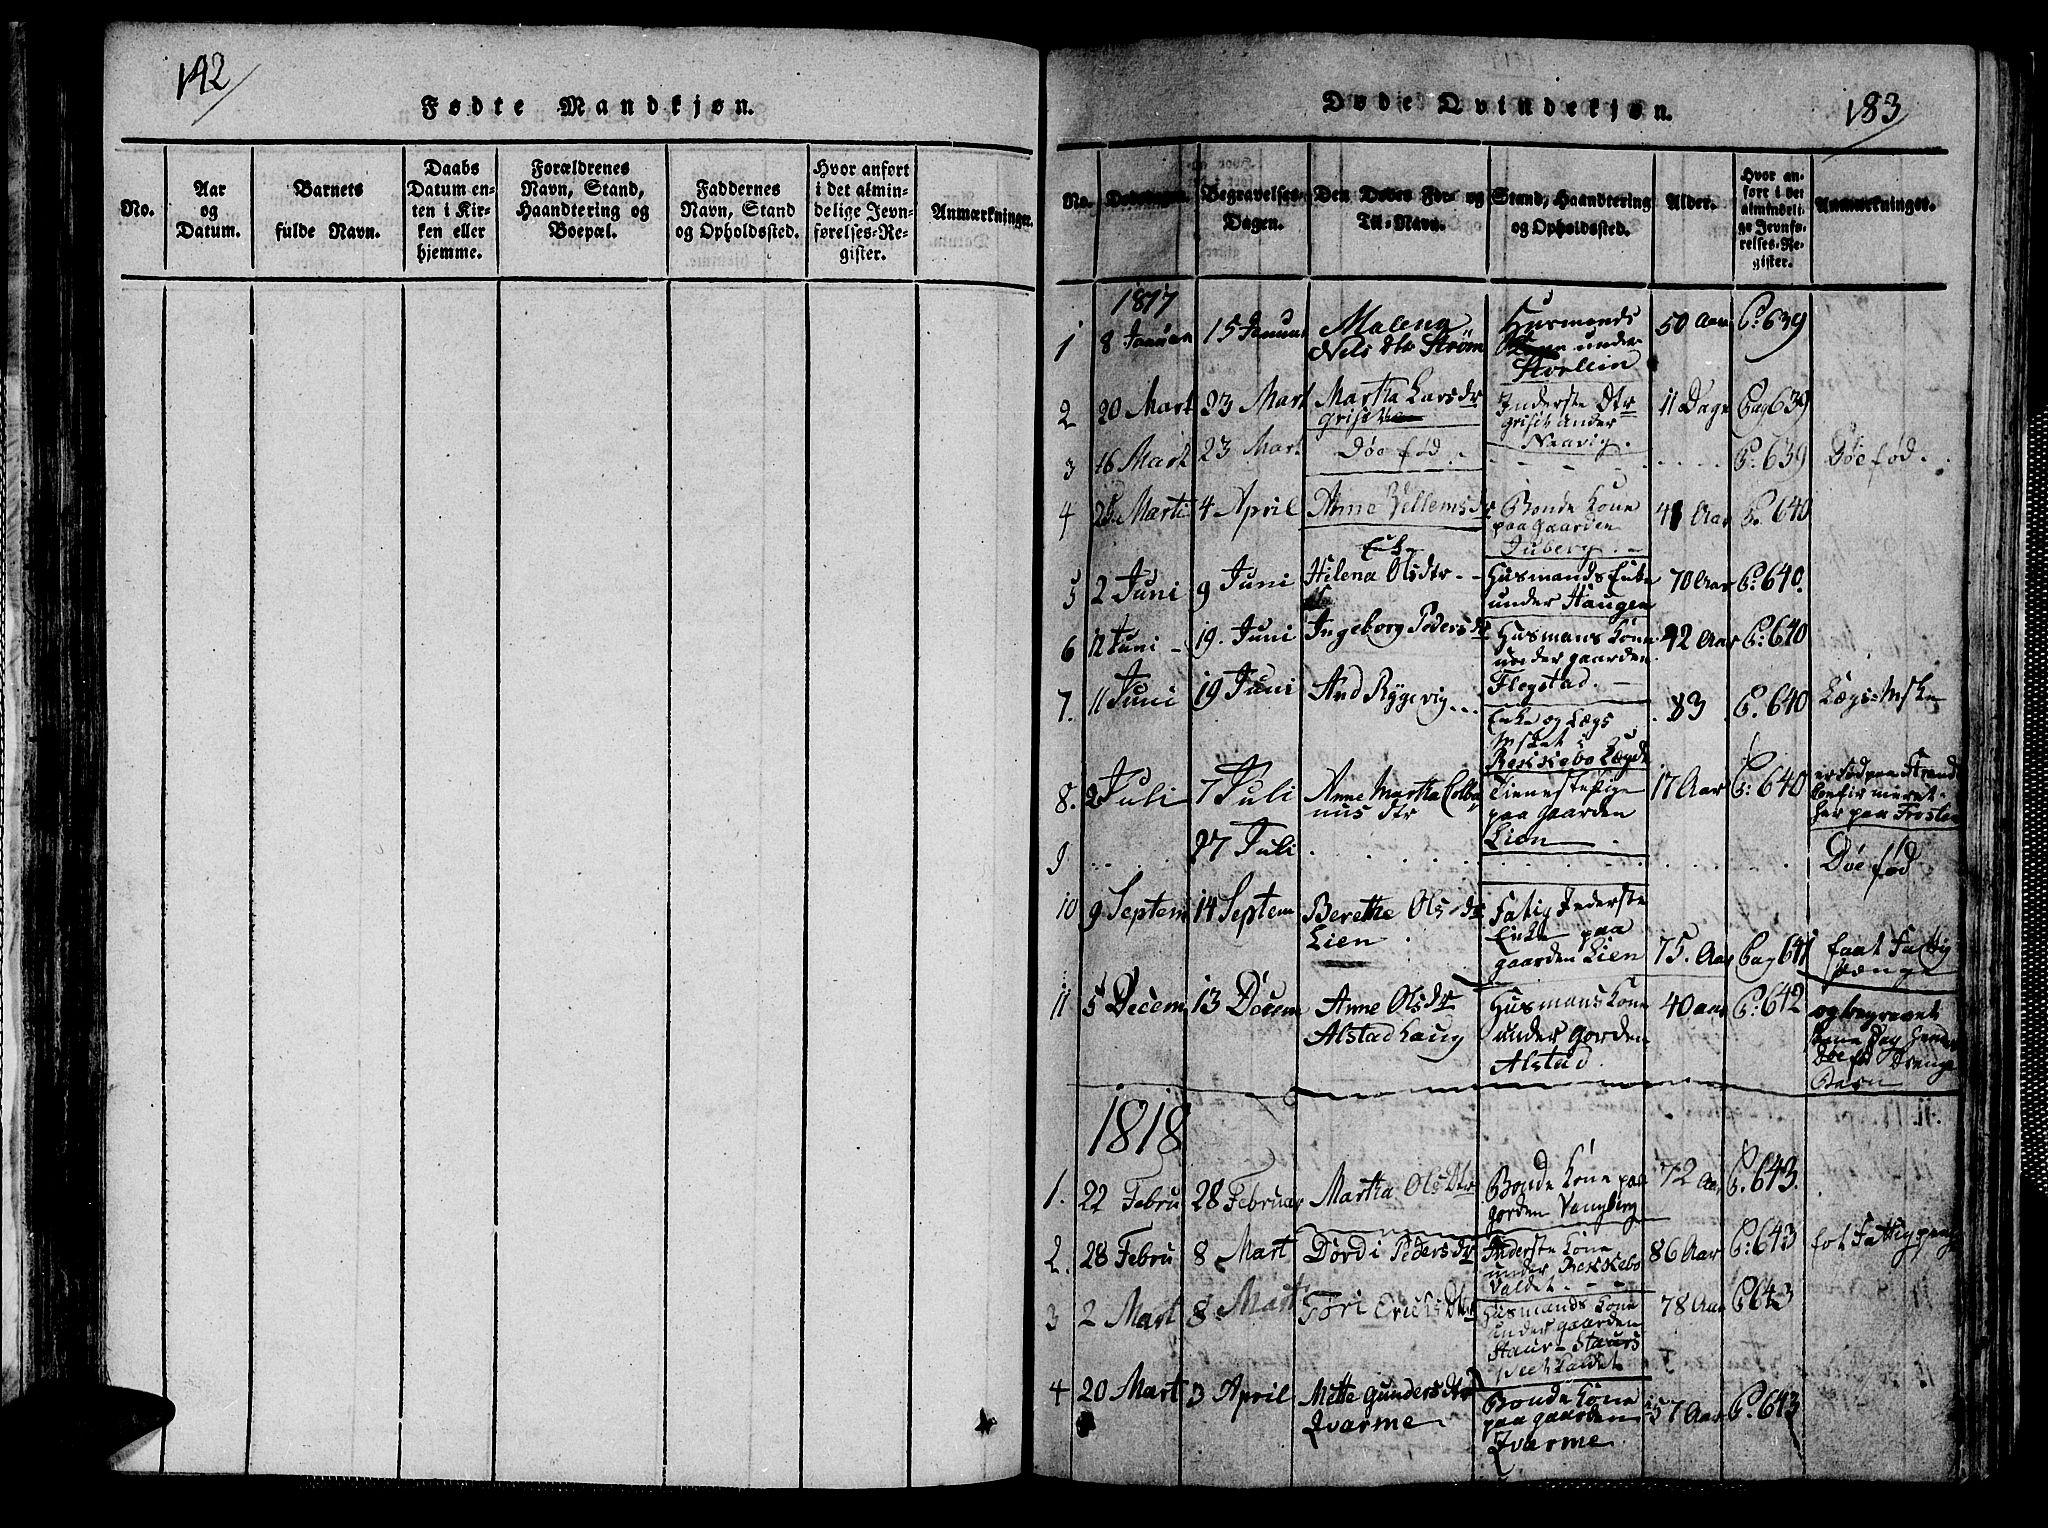 SAT, Ministerialprotokoller, klokkerbøker og fødselsregistre - Nord-Trøndelag, 713/L0124: Klokkerbok nr. 713C01, 1817-1827, s. 142-183